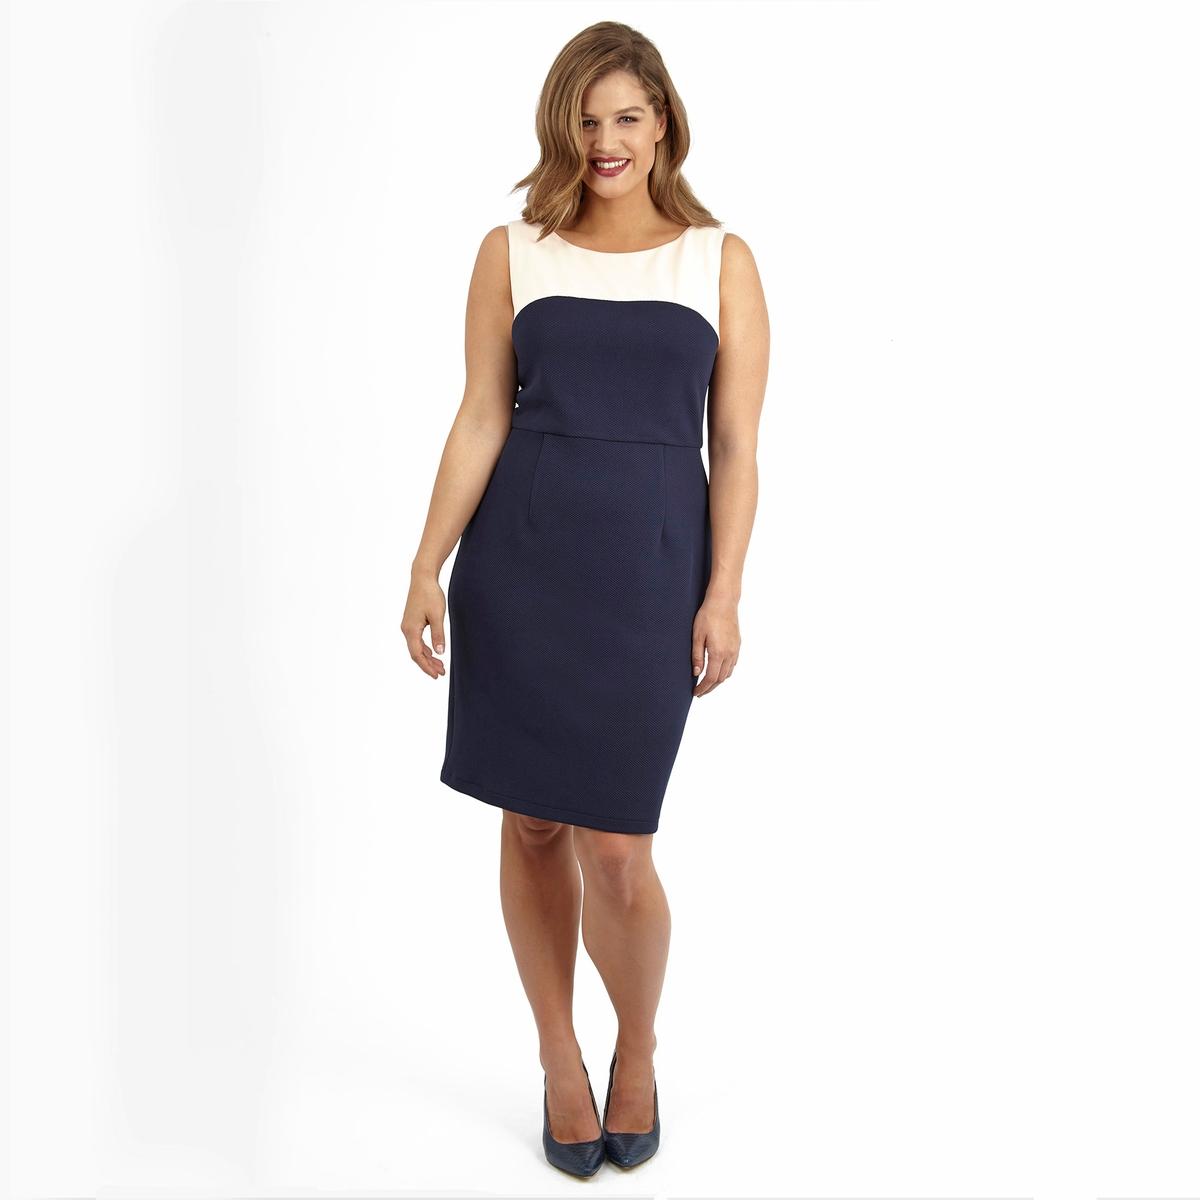 ПлатьеПлатье без рукавов LOVEDROBE. Красивое двухцветное платье. 100% полиэстер.<br><br>Цвет: слоновая кость/синий<br>Размер: 54/56 (FR) - 60/62 (RUS)